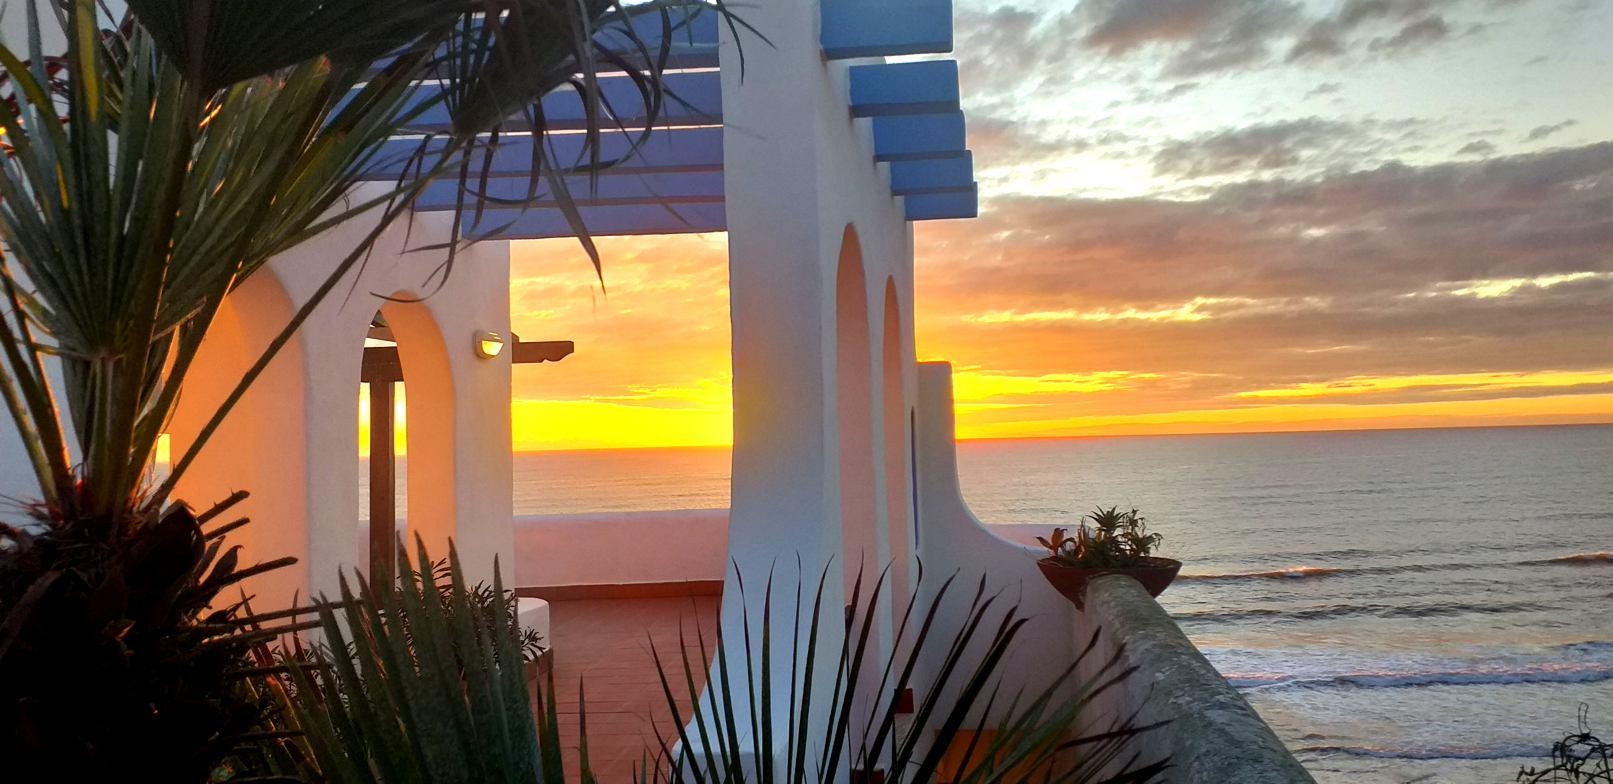 elianto-spiaggia-hotel-appartamenty-residence-anzio-fronte-mare